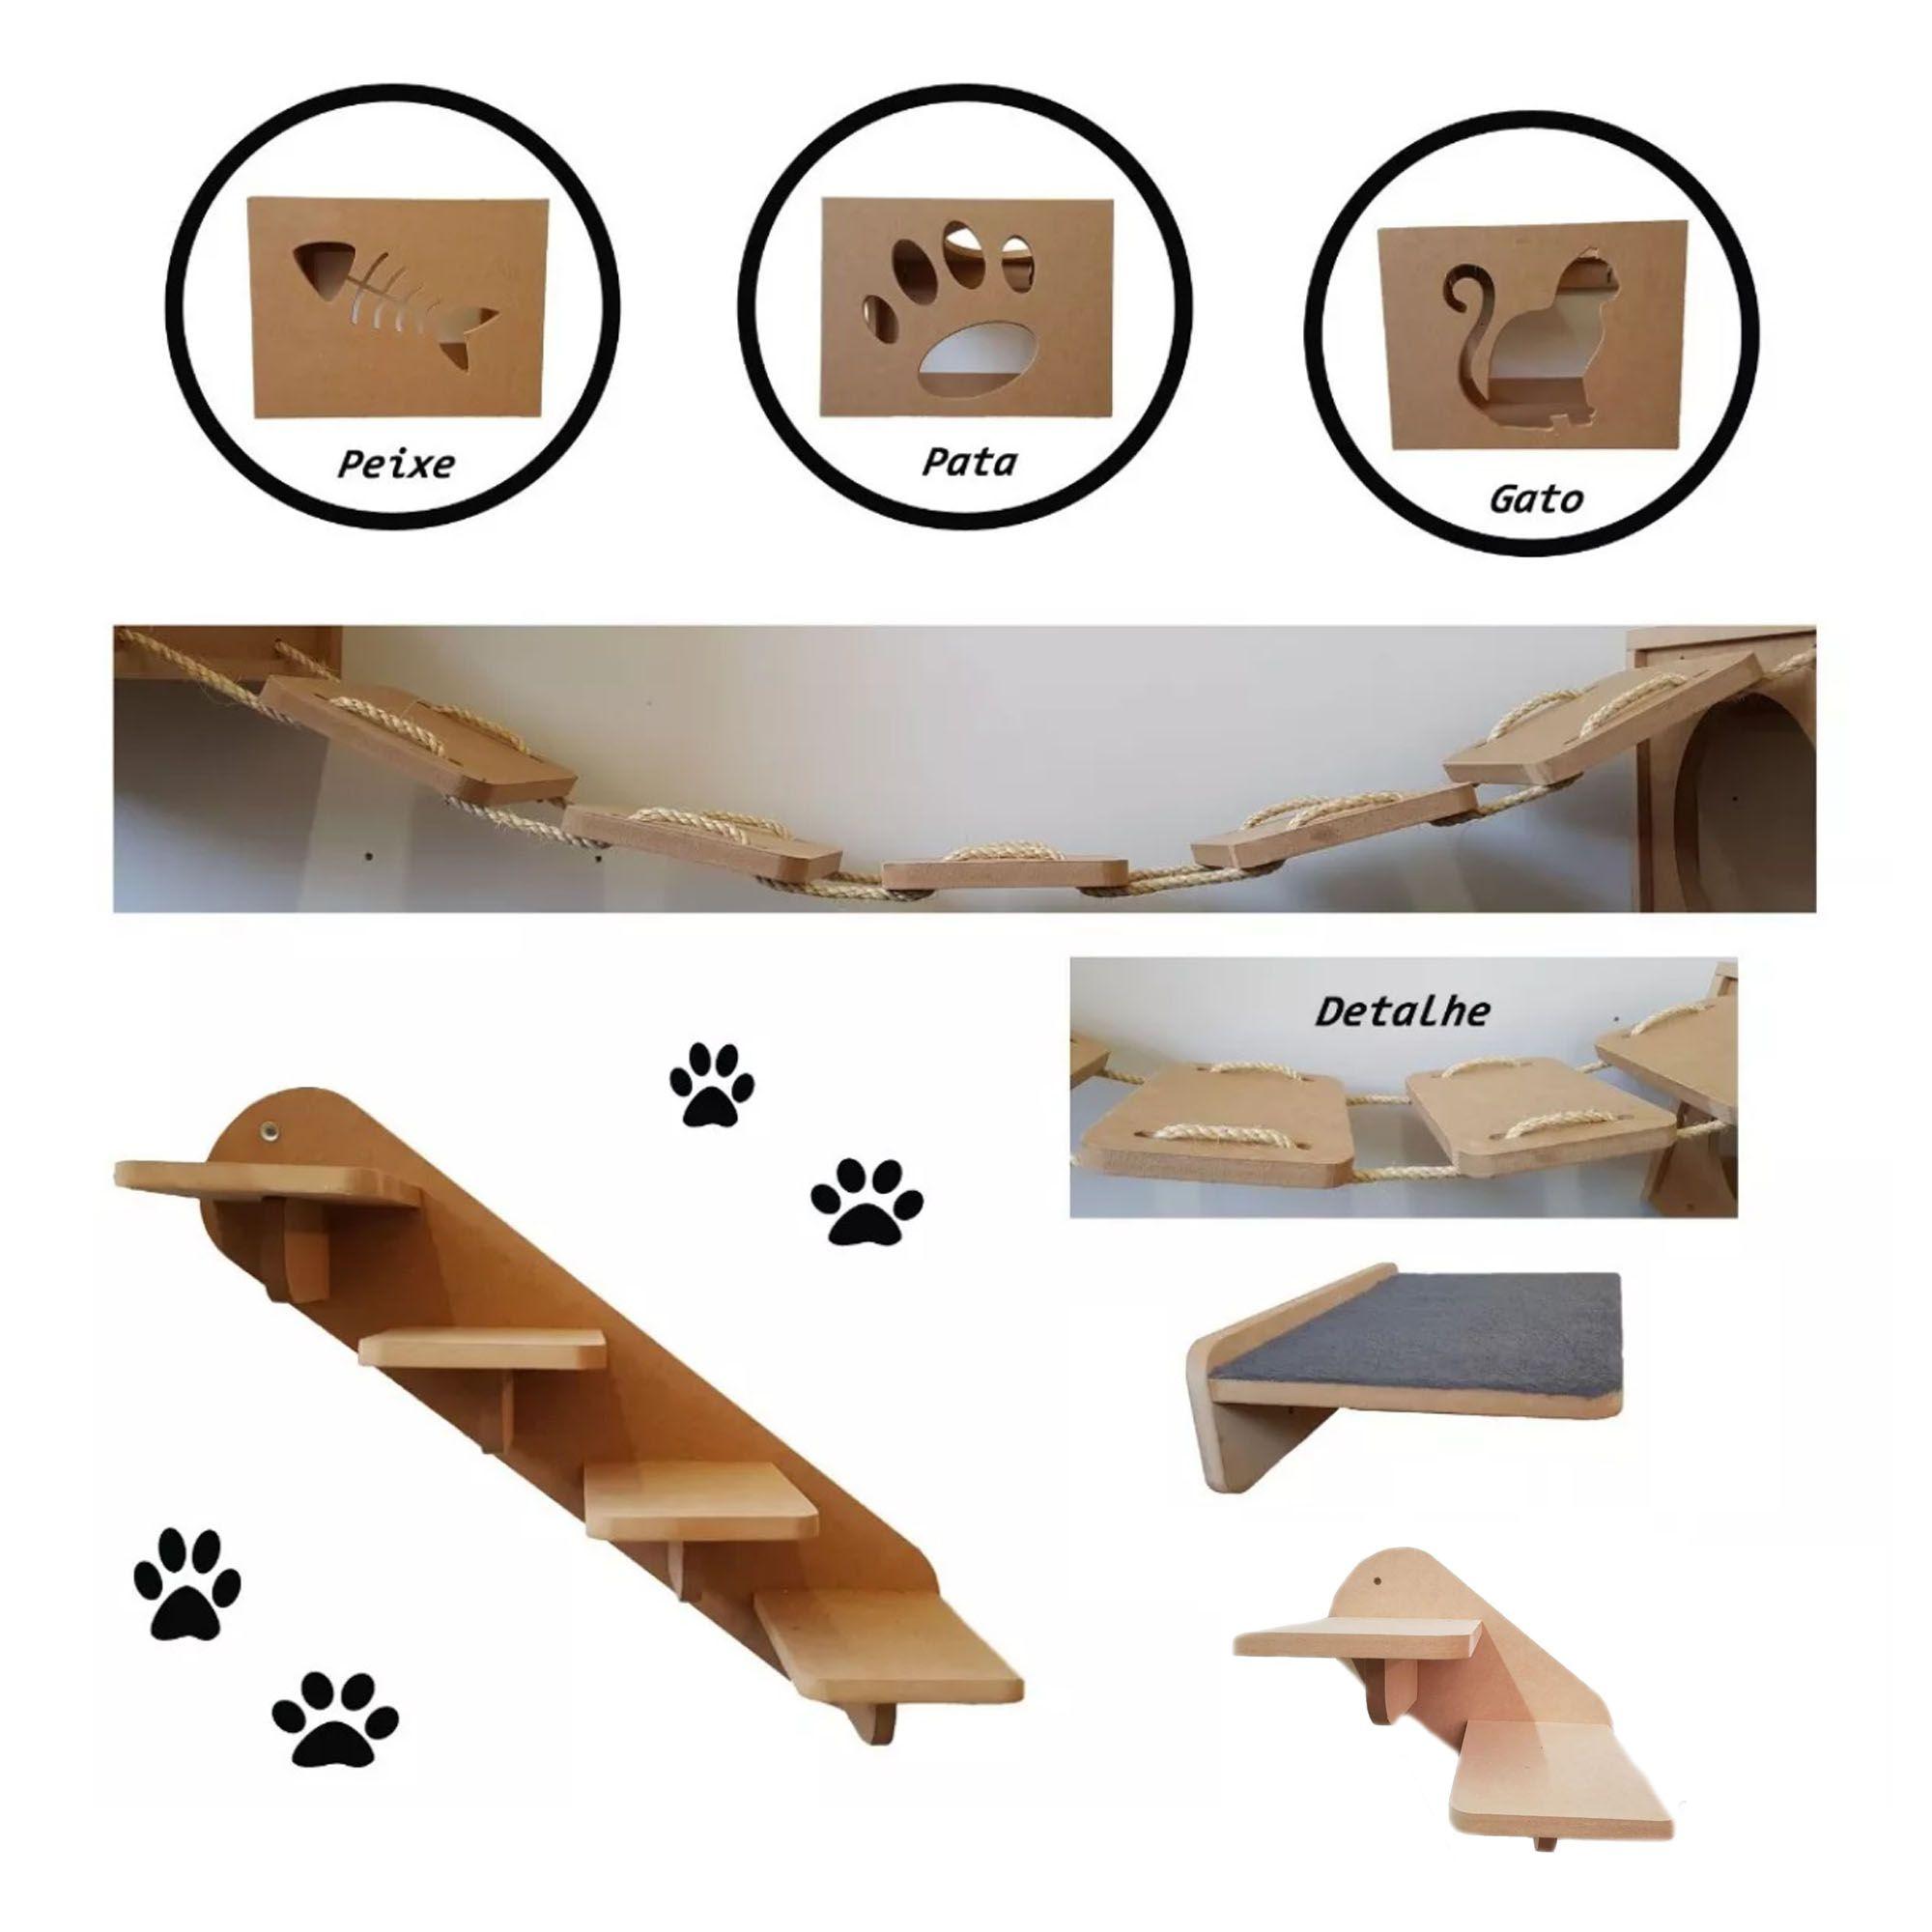 Nicho Gato - Kit Nicho para Gato - 7 pçs = 3 Nichos + Prateleira + 1 Escada grande + 1 Escada pequena +  Ponte para gato  em Mdf 15mm